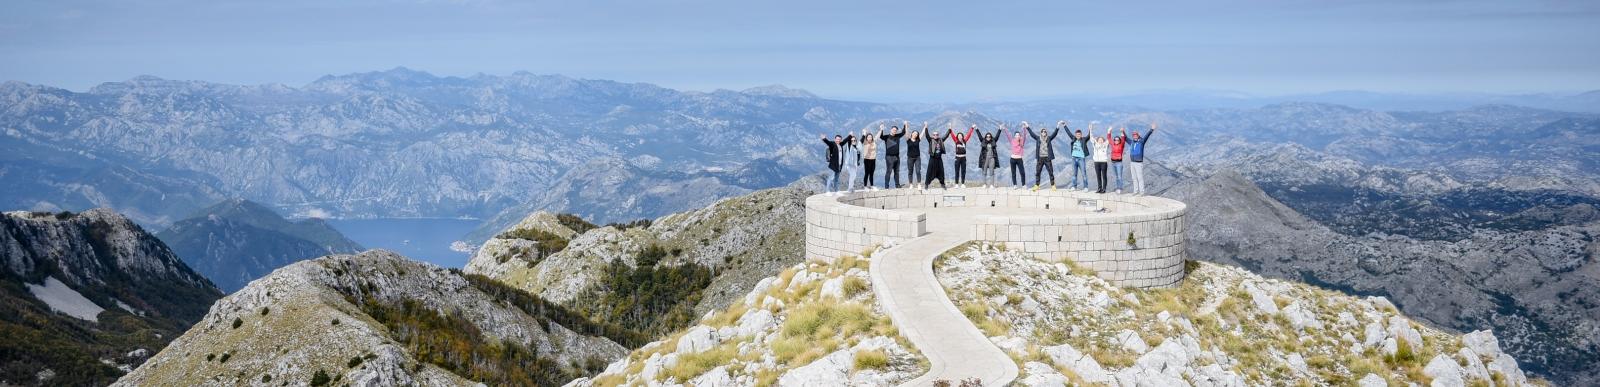 организация корпоративного отдыха в Черногории